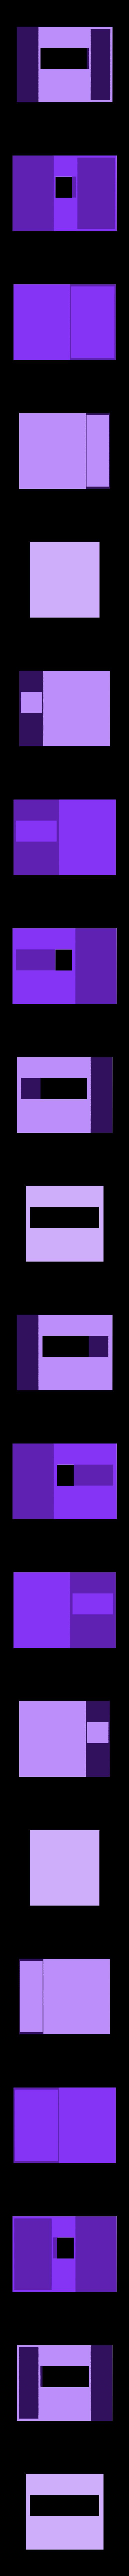 tvBGoneBoxFront.stl Télécharger fichier STL gratuit Boîtier pour TV-B-Gone • Plan à imprimer en 3D, AlbertKhan3D